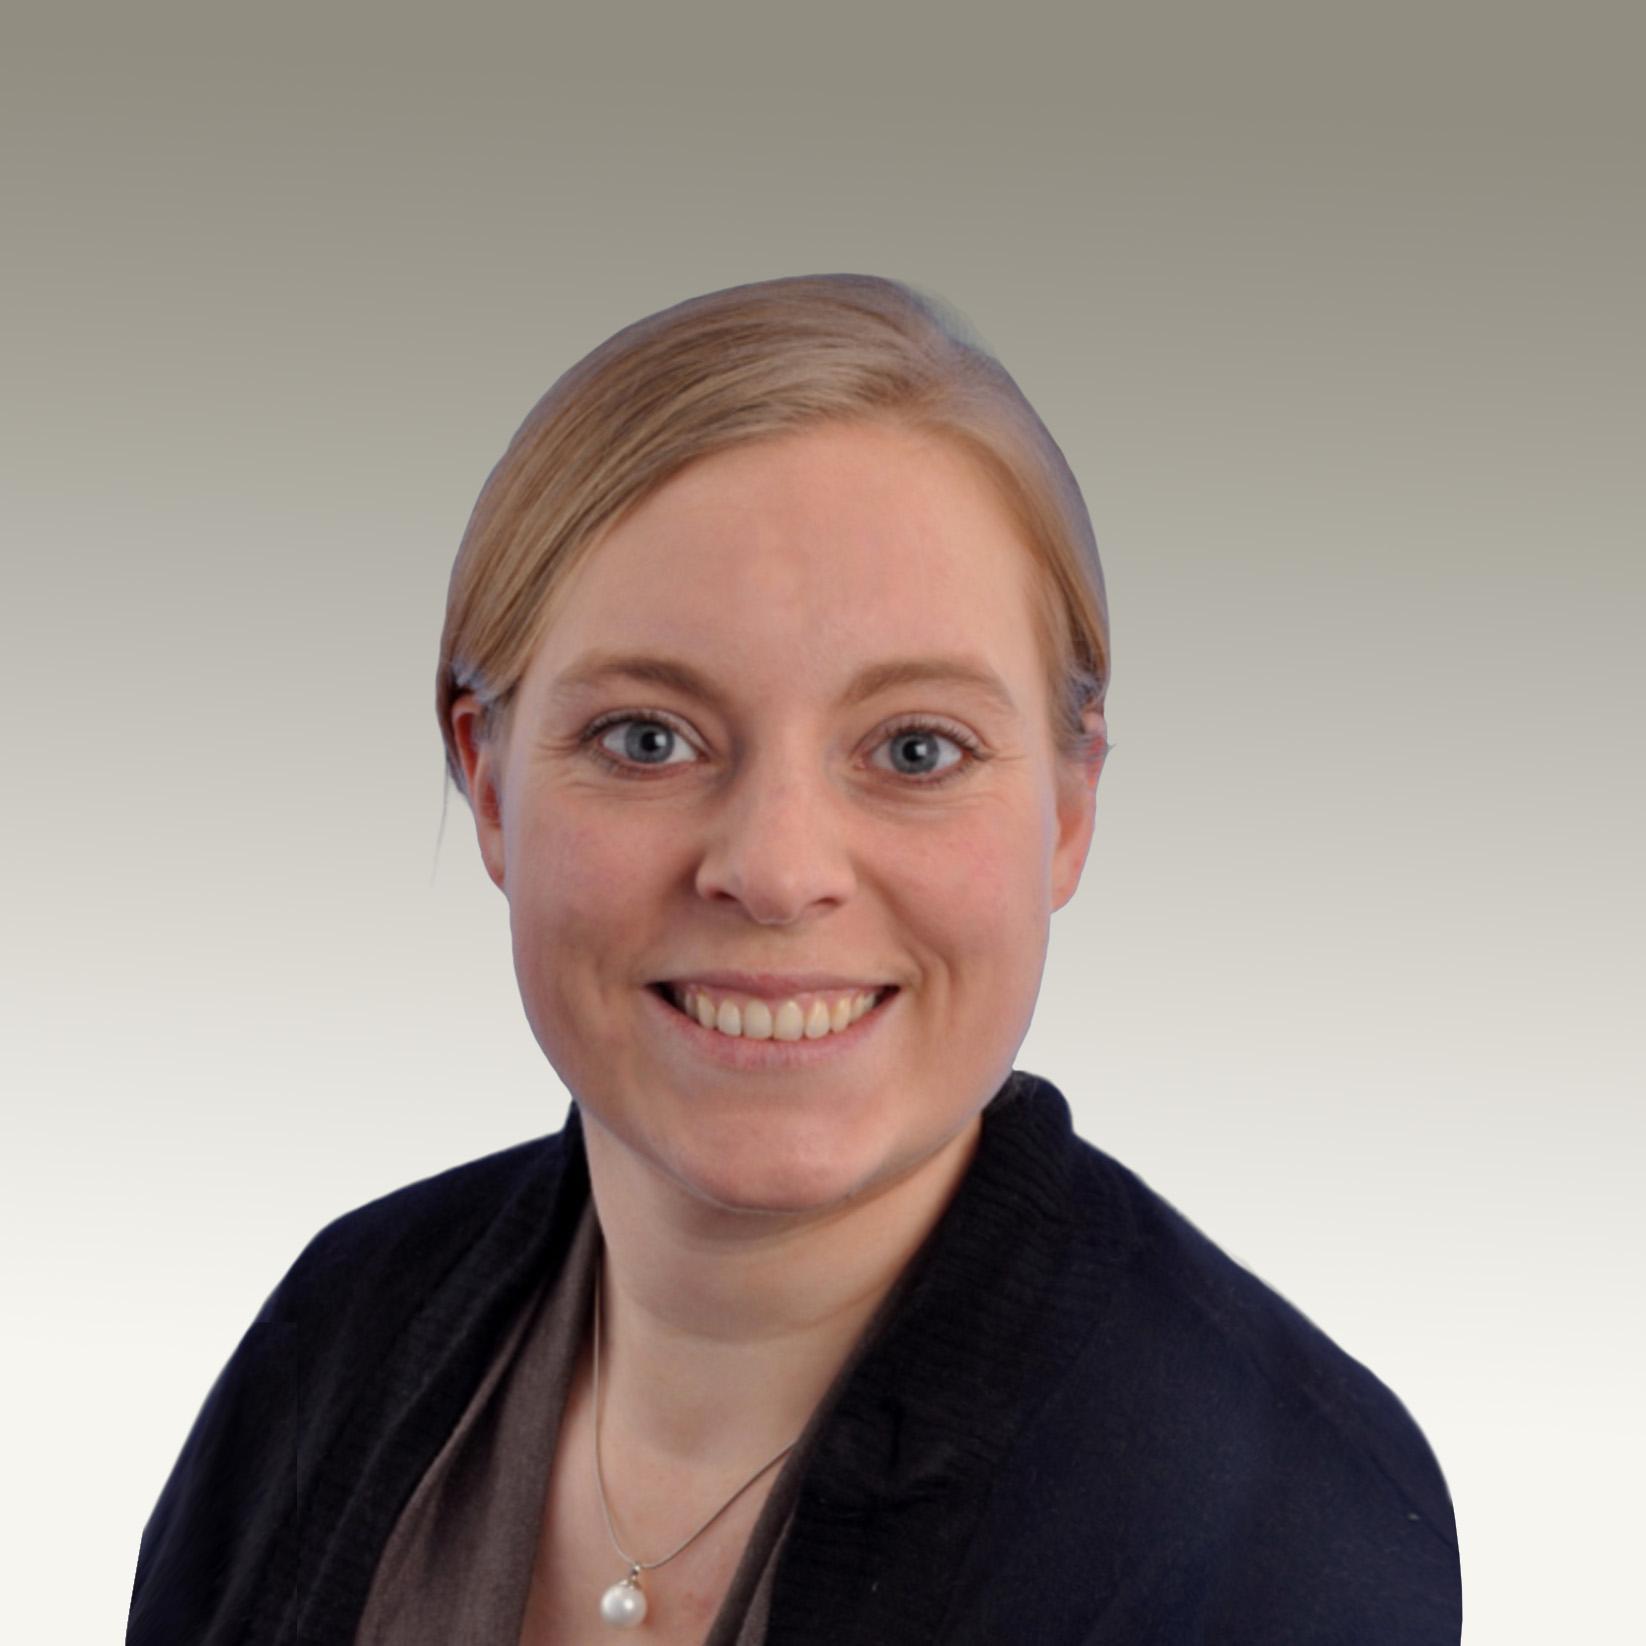 Laura Singer